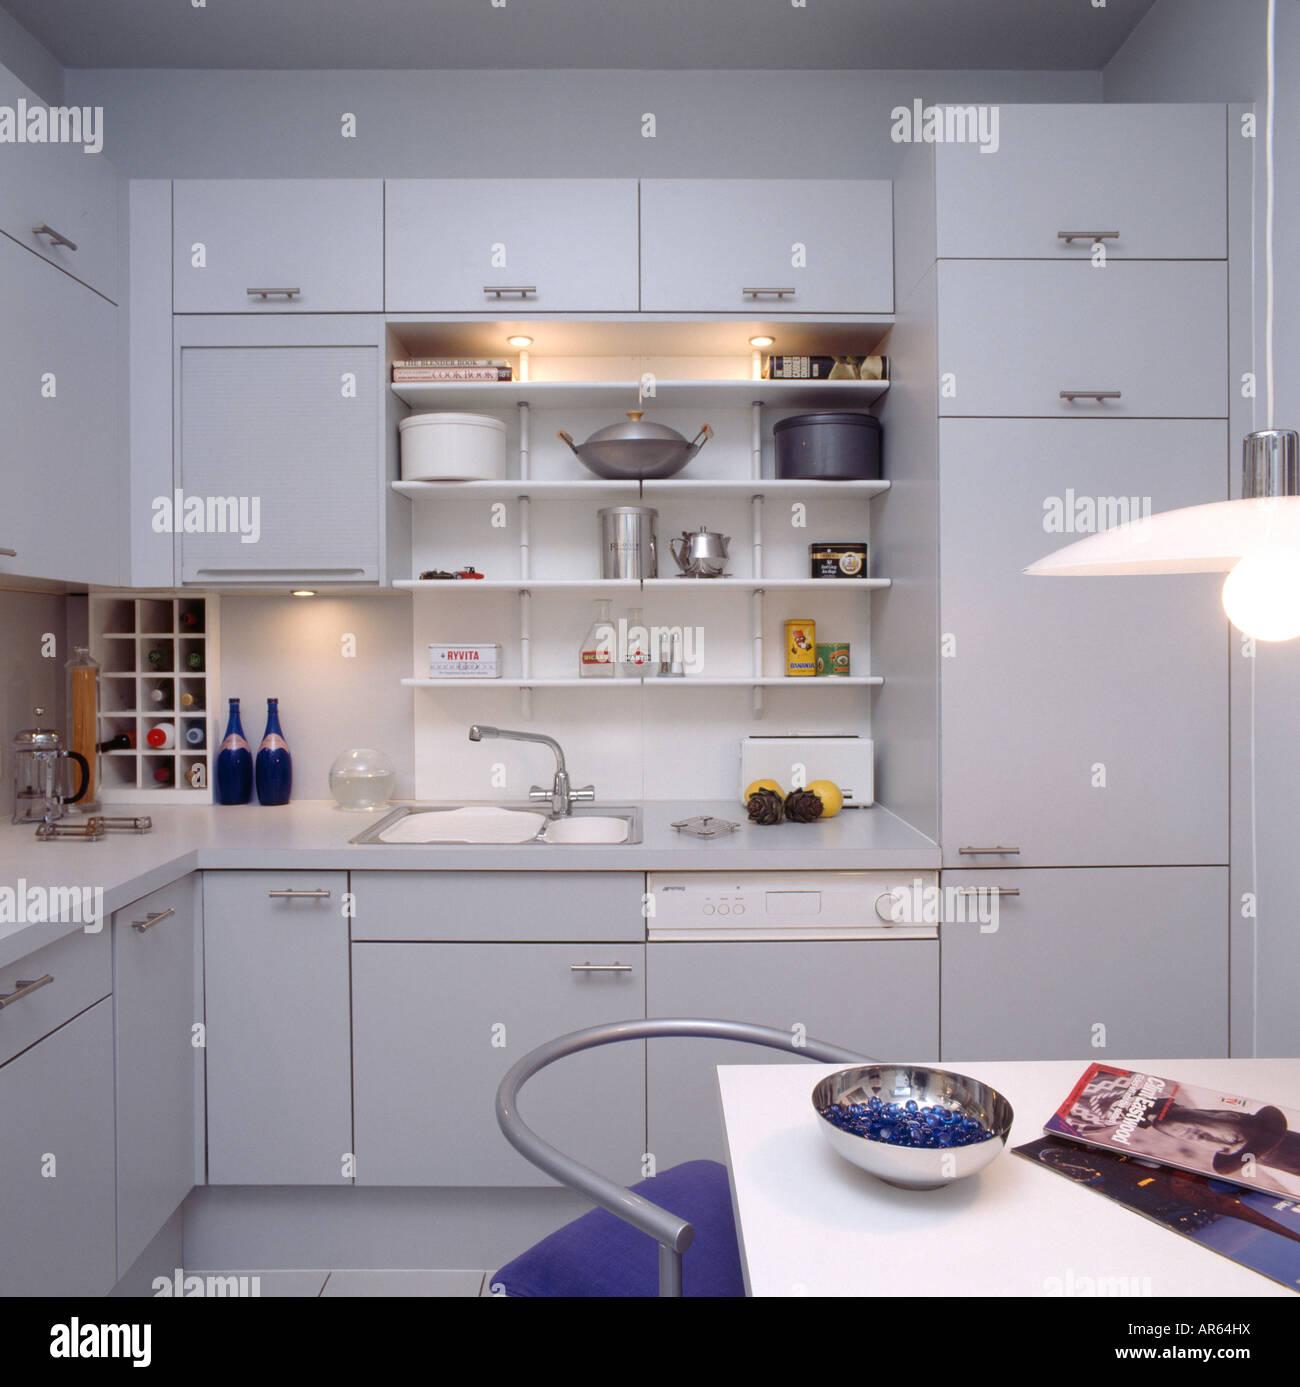 Stylish Grey Modern Kitchen Installation: Kitchen Shelving Monochromatic Stock Photos & Kitchen Shelving Monochromatic Stock Images